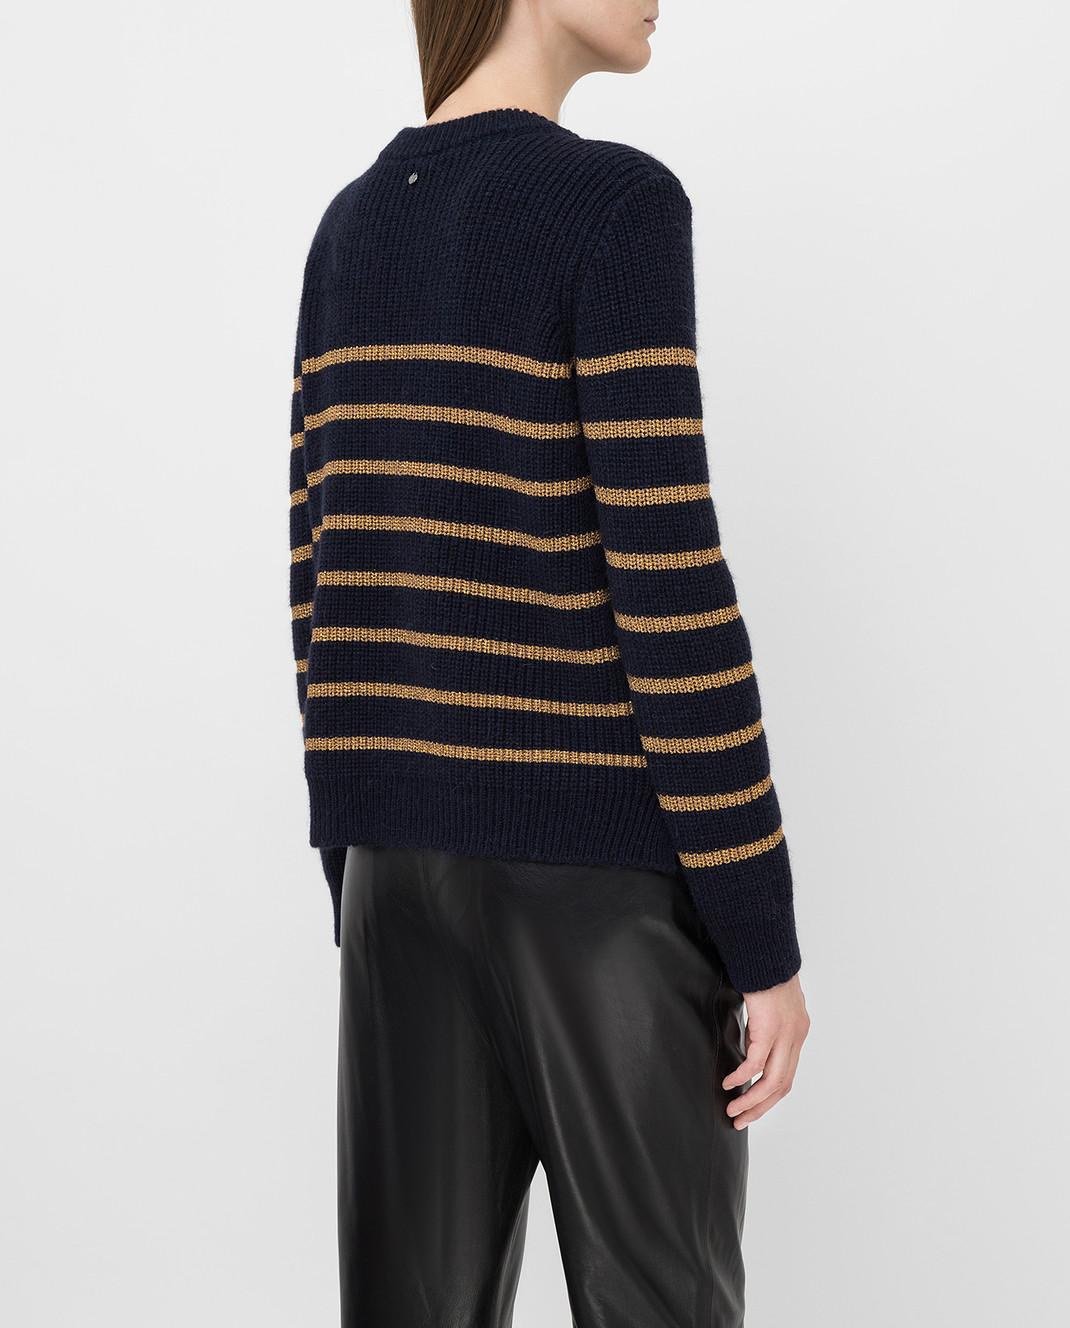 Twin Set Темно-синий свитер изображение 4